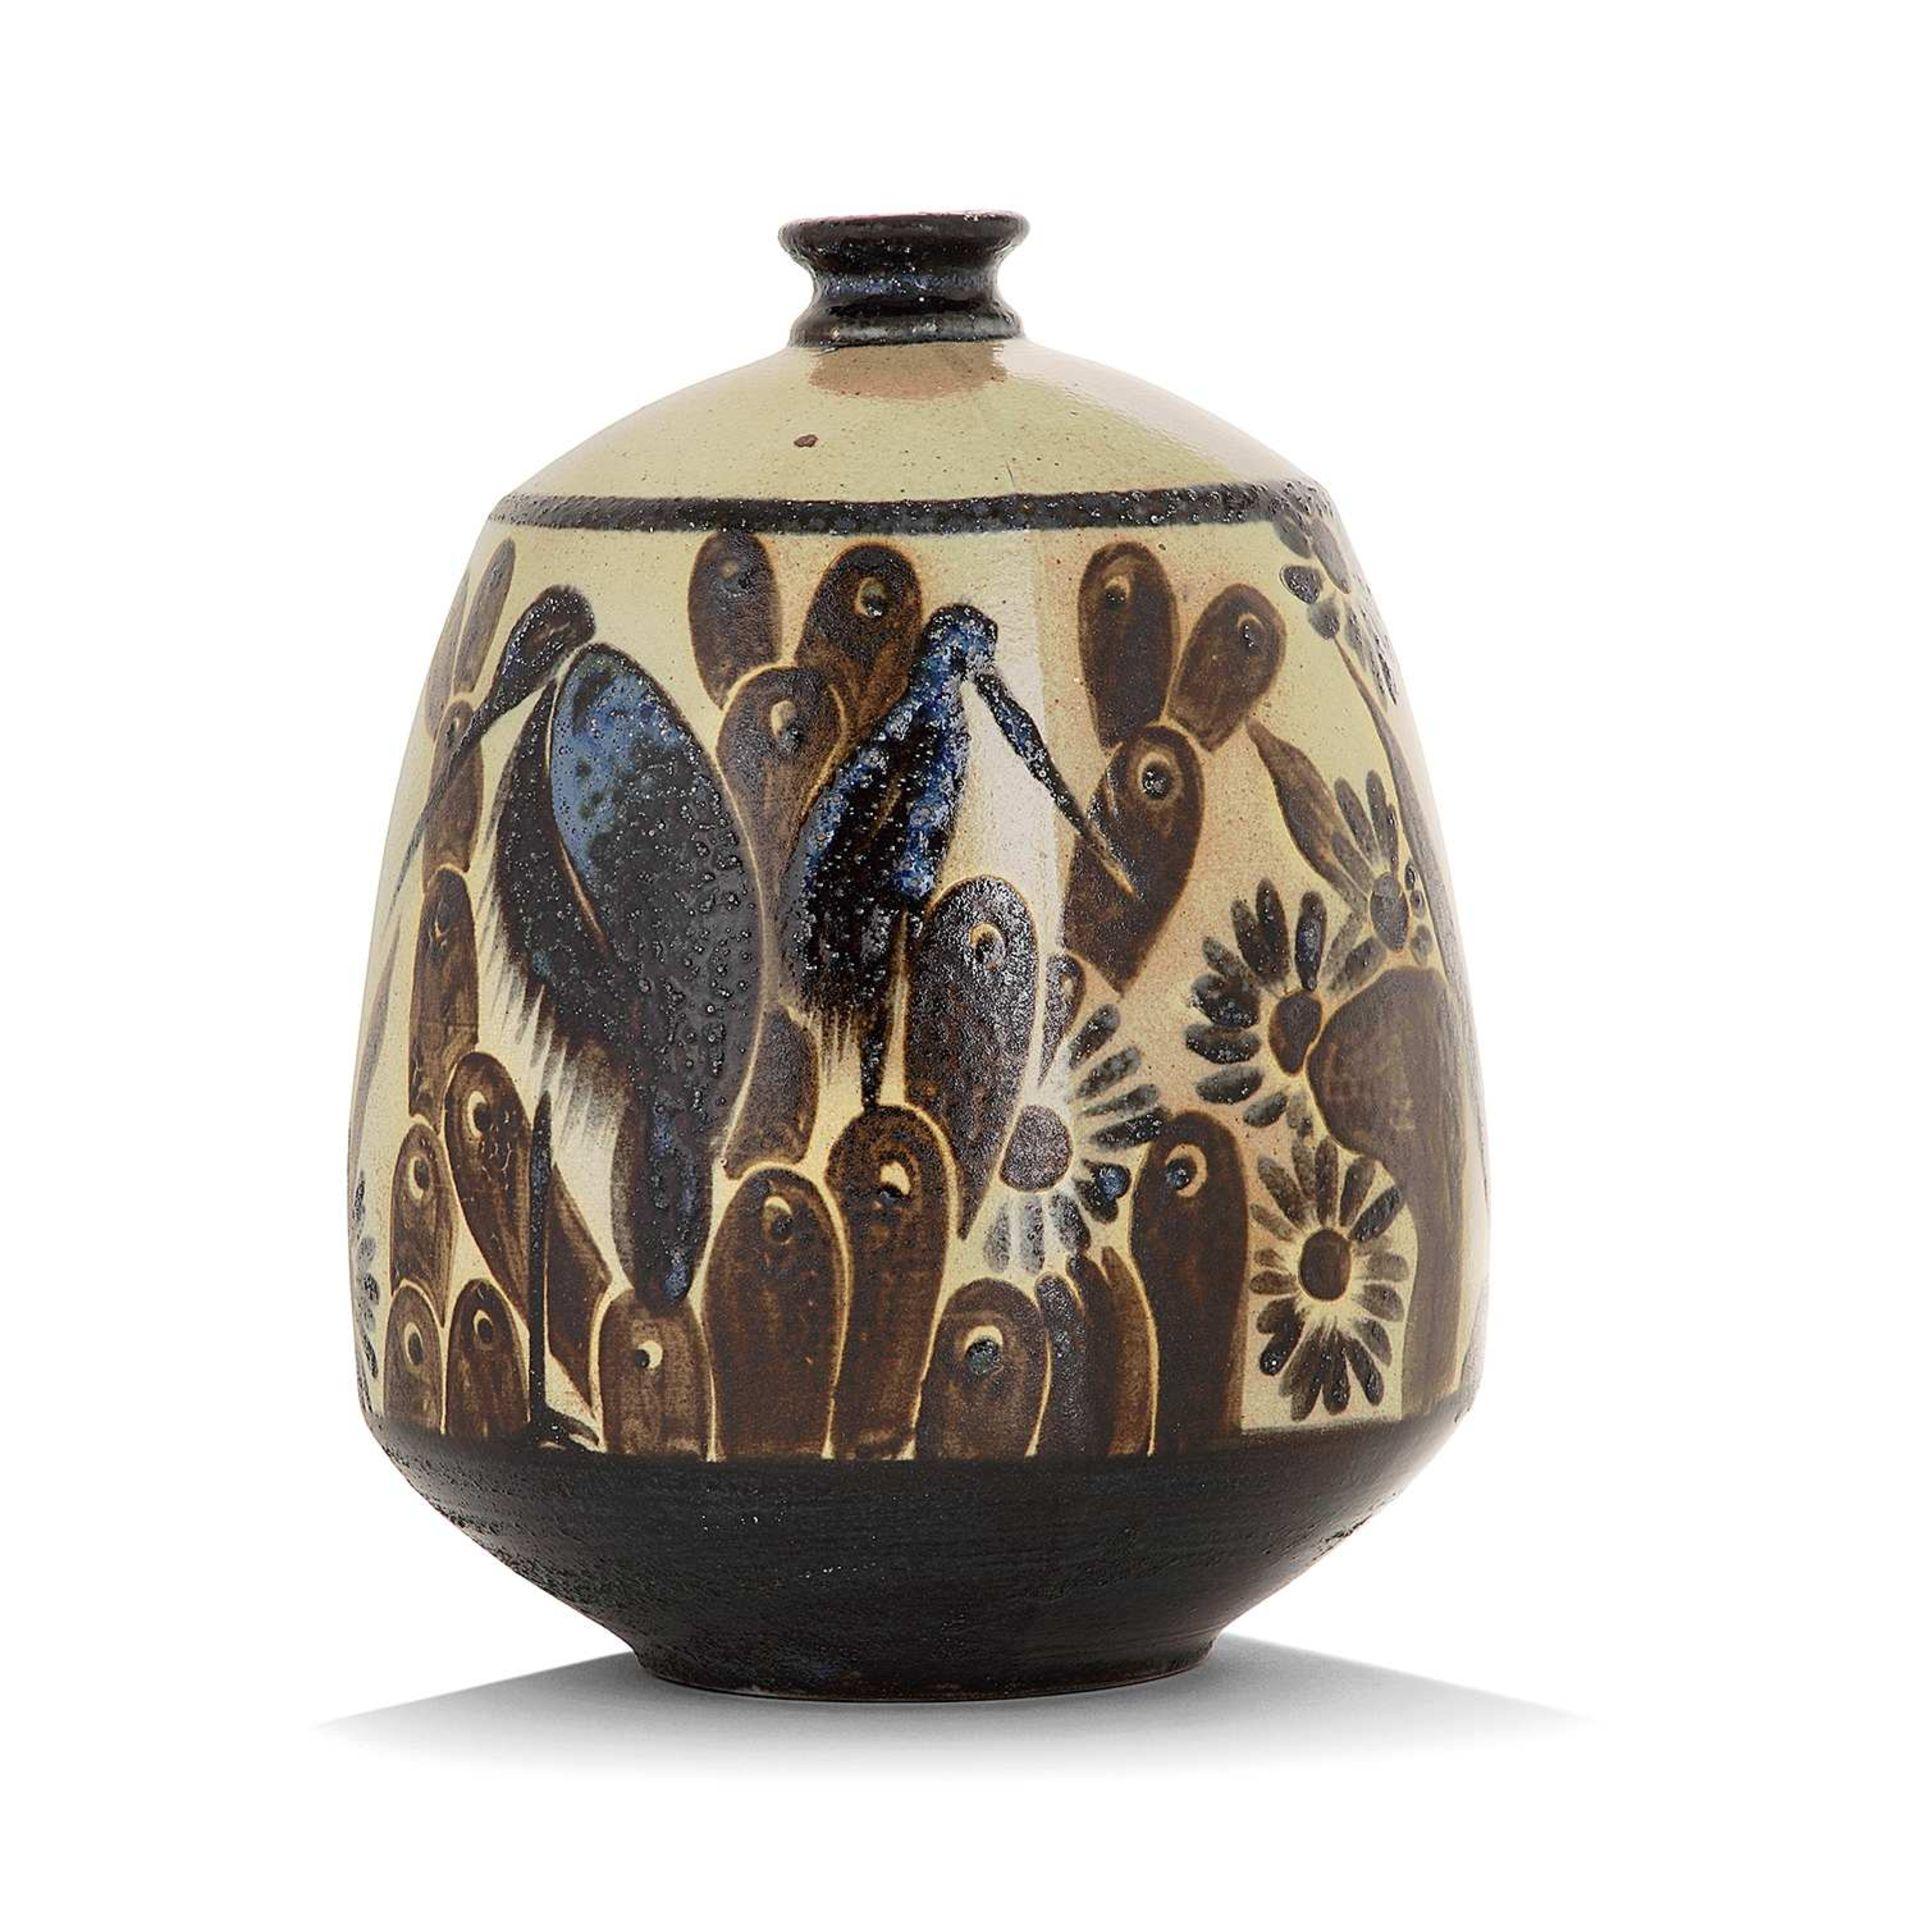 Los 28 - PRIMAVERA & SAINTE RADEGONDE (MANUFACTURE) Vase ovoïde en grès à décor d'une frise d'échassiers dans